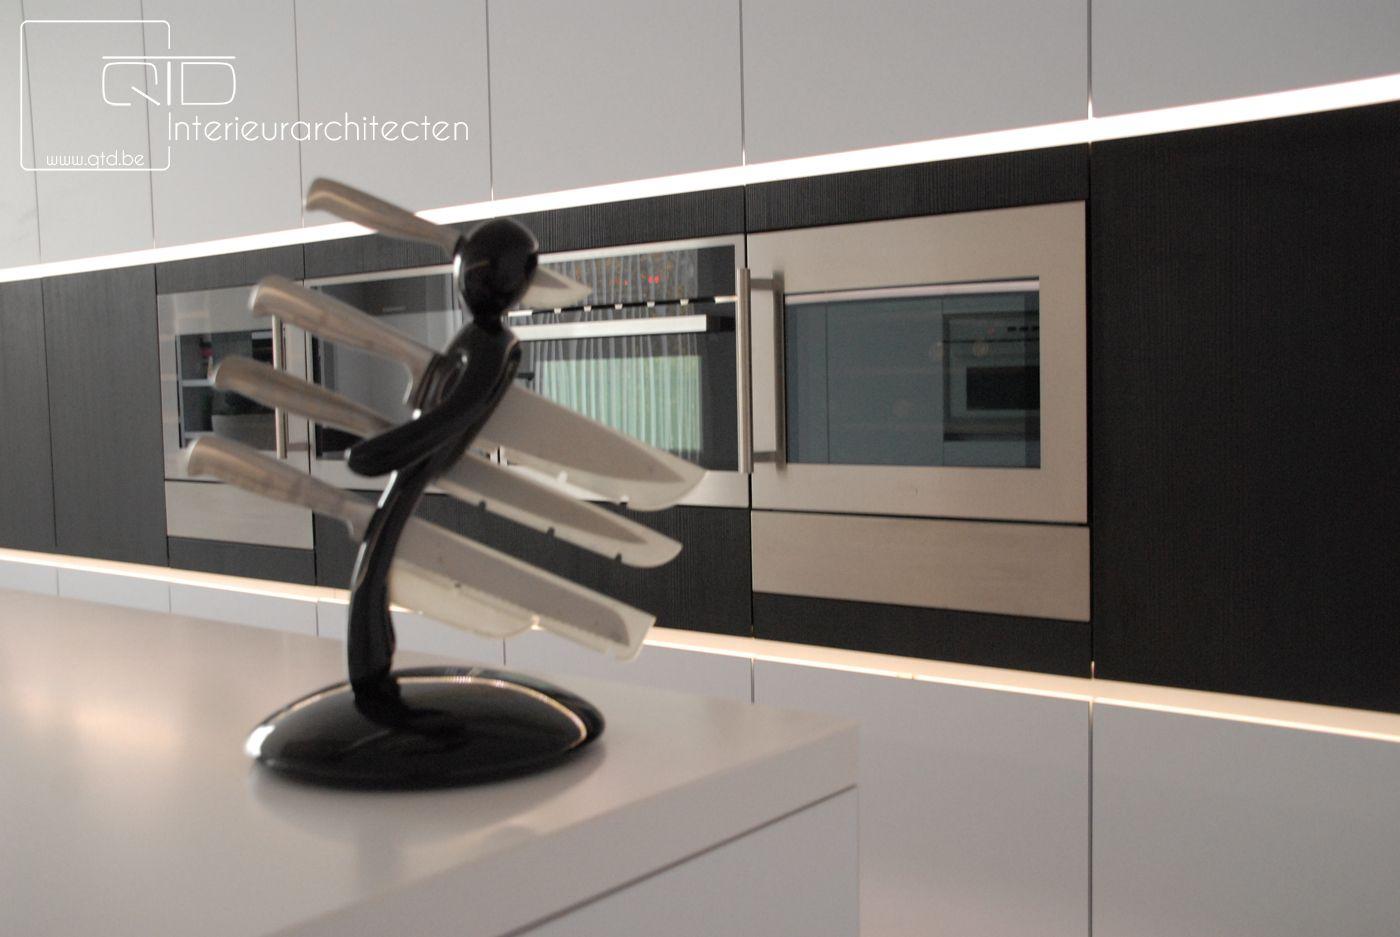 Pin van qtd interieurarchitecten op modern wonen